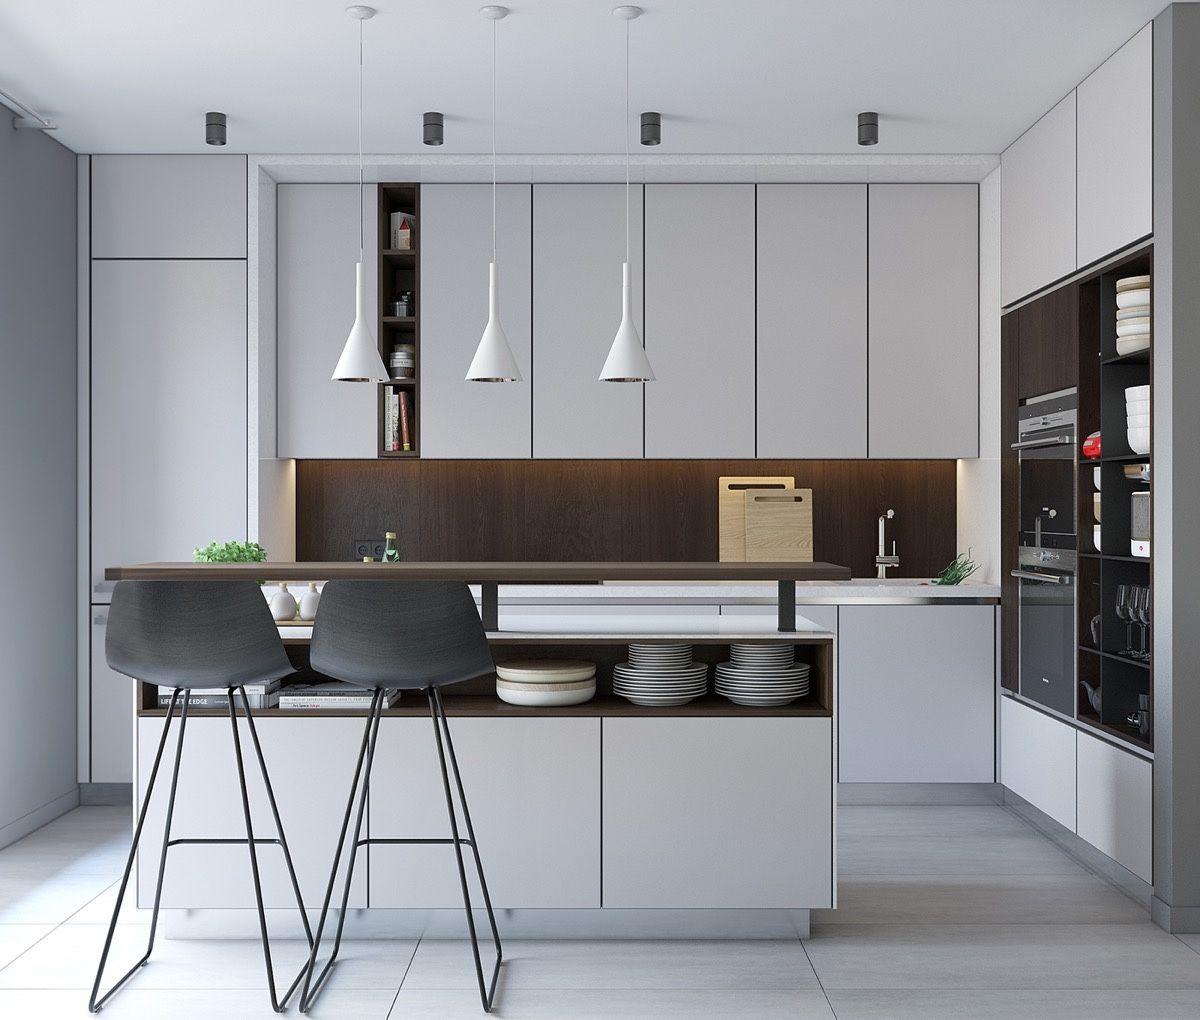 modern kitchen images swinging door 25 minimalist kitchens to get super sleek inspiration trending ideas minimalistdesign design2018 minimalistkitchen kitchendesign hotkitchen